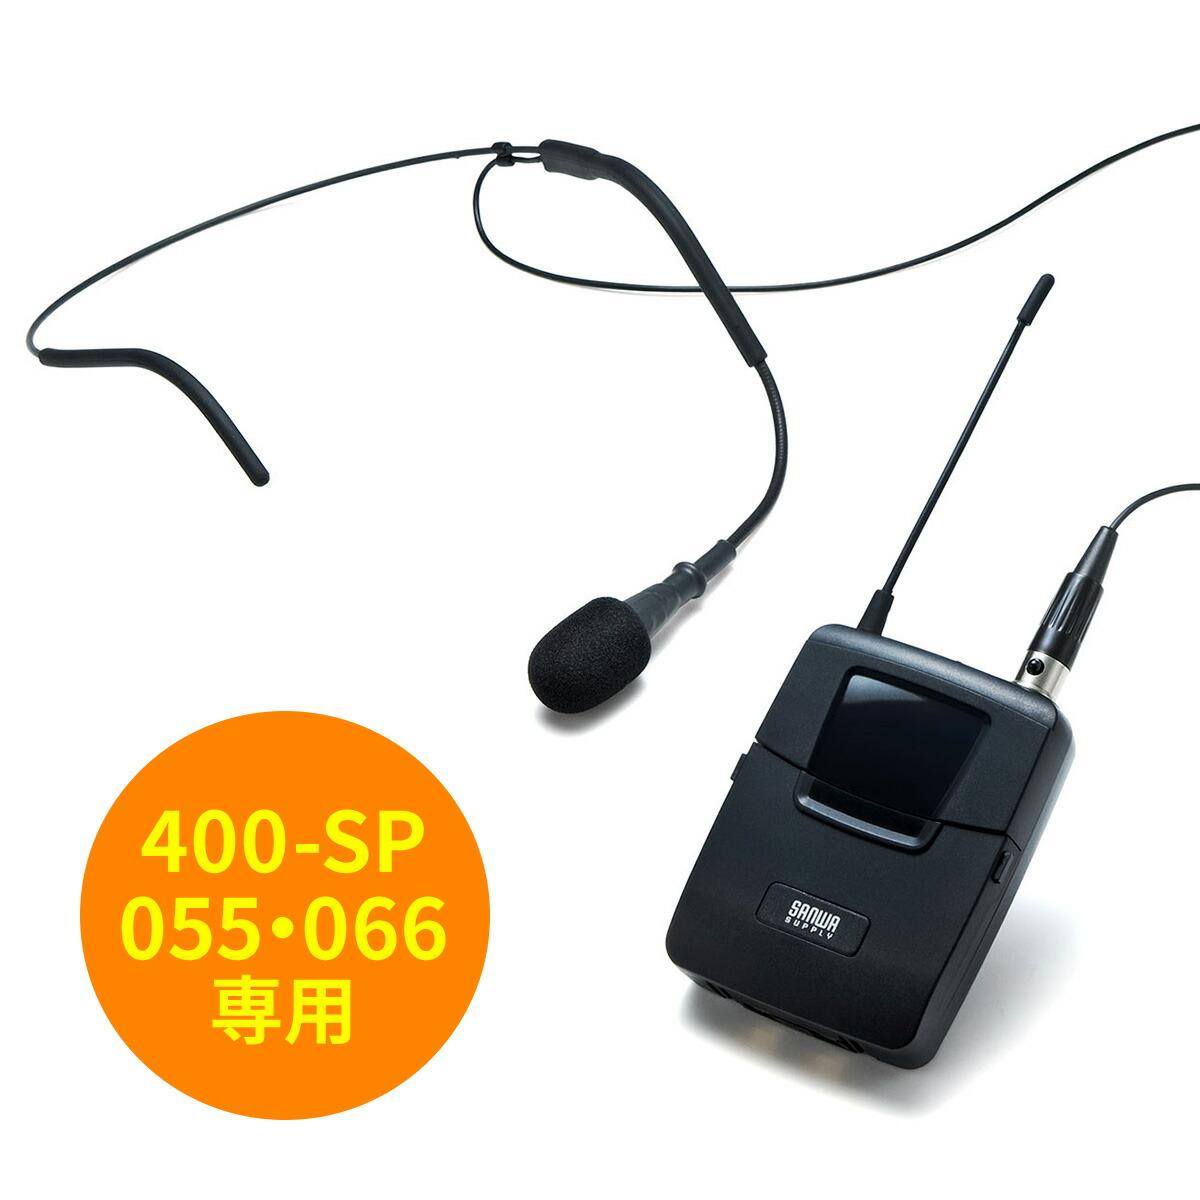 ワイヤレスマイク(ヘッドセット・400-SP055/400-SP066拡声器用・ハンズフリー・ツーピース型)[400-SP075]【サンワダイレクト限定品】【送料無料】